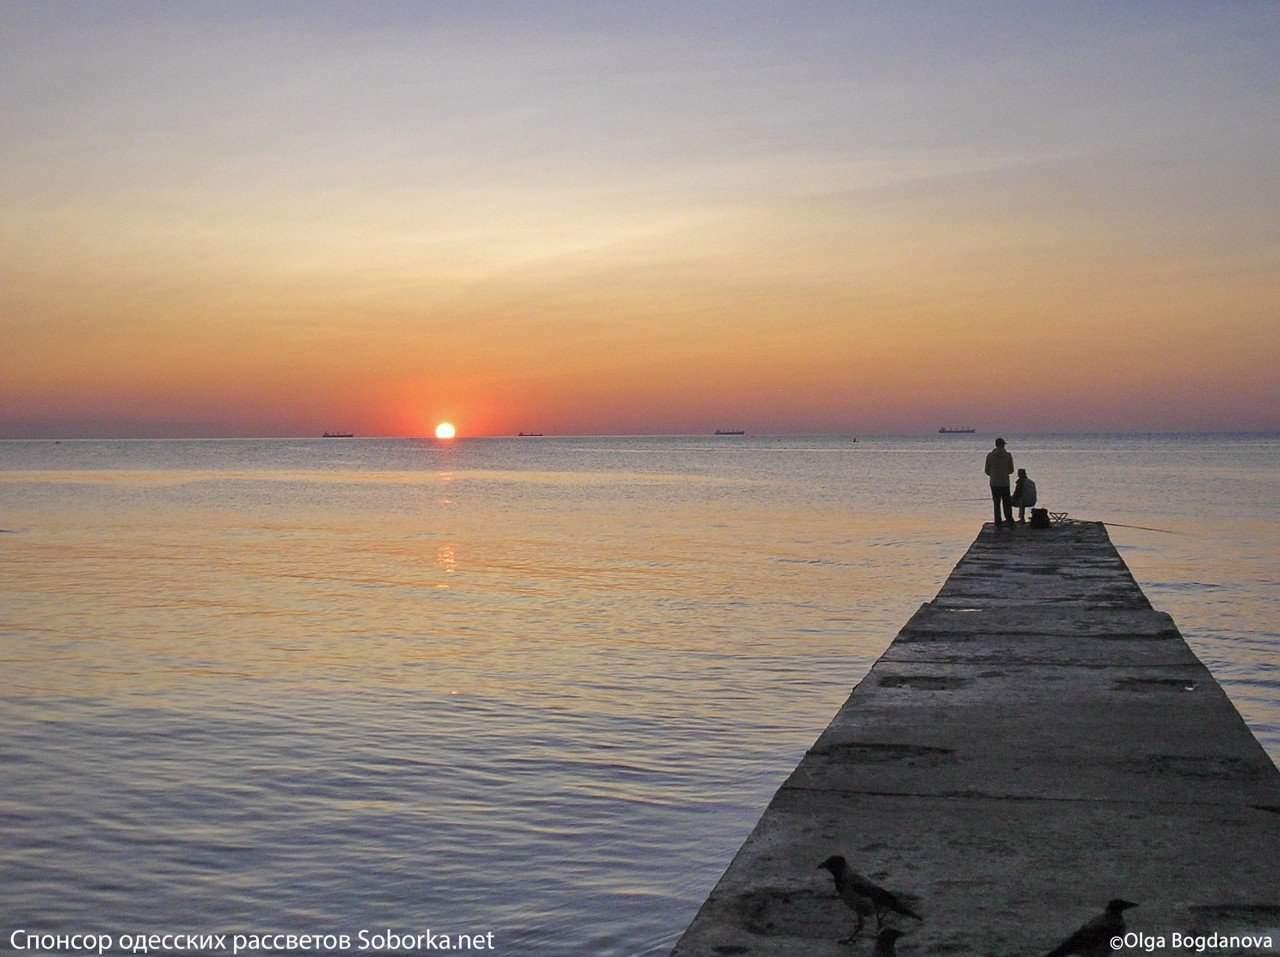 Одесские сказочные рассветы на берегу моря (Фото)